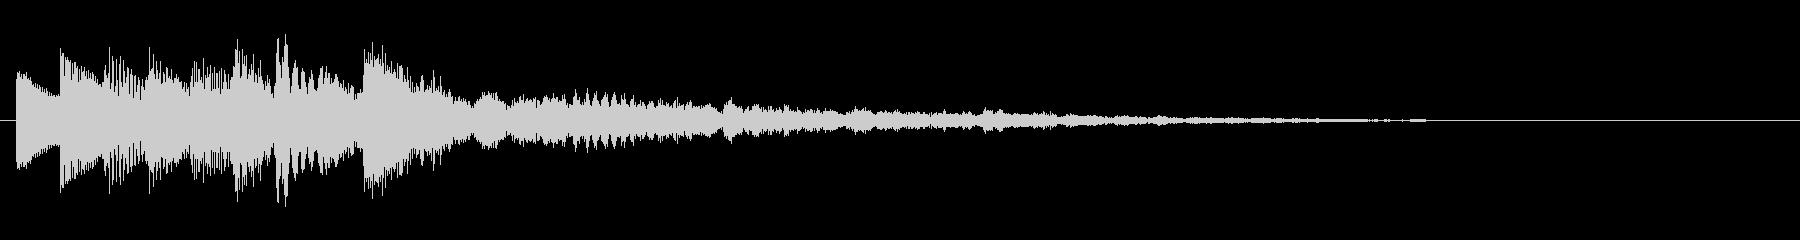 KANT シンセアイキャッチ011093の未再生の波形